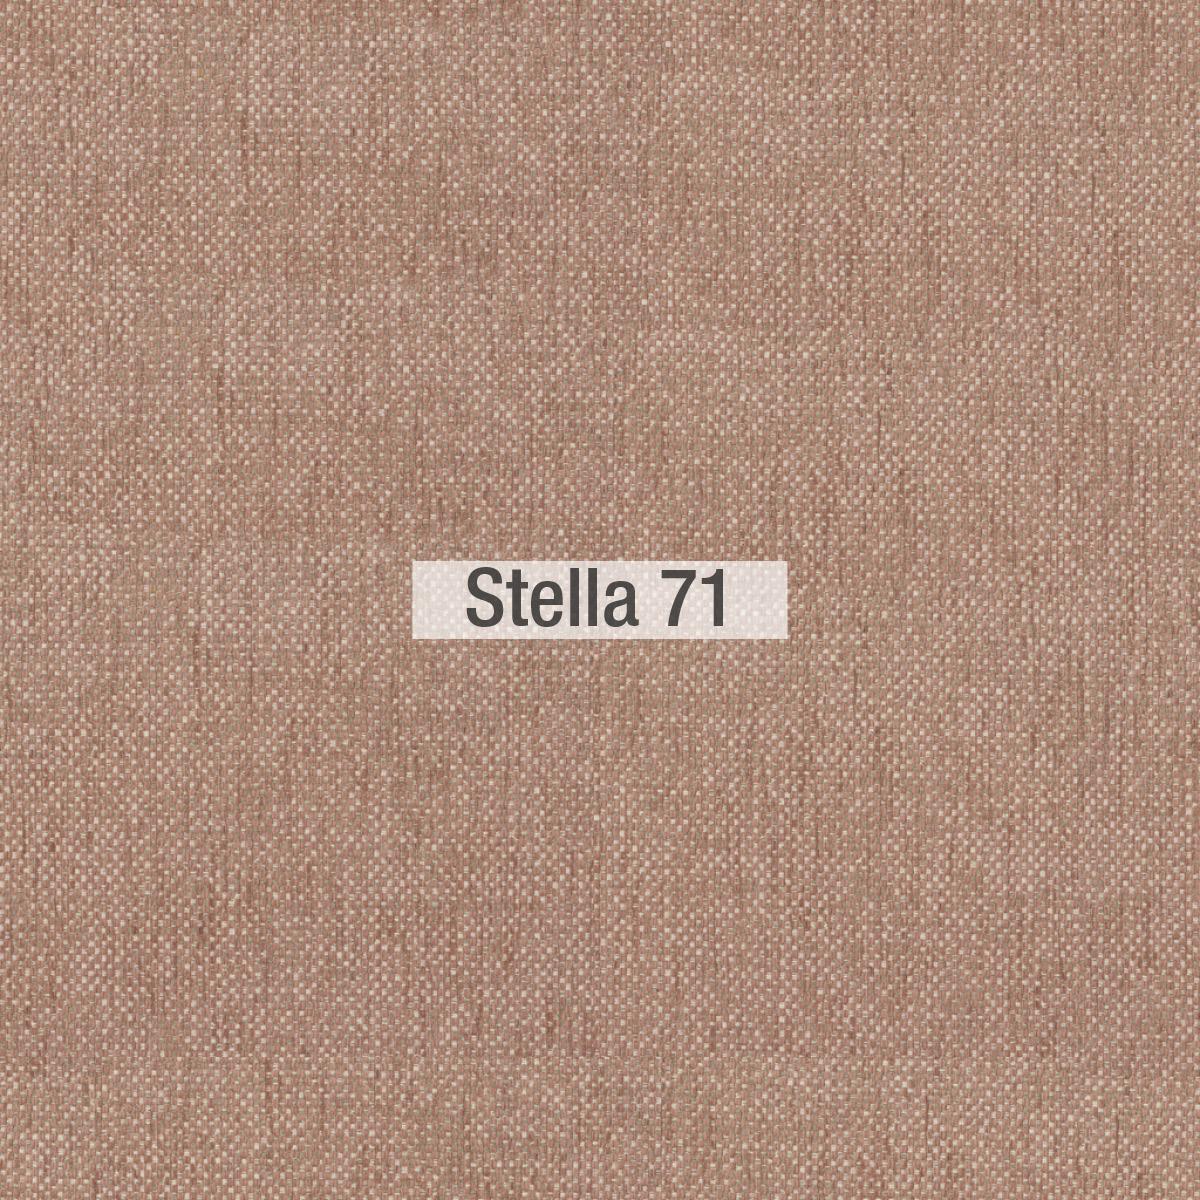 Colores Stella-Dots tela Fama 2020 12